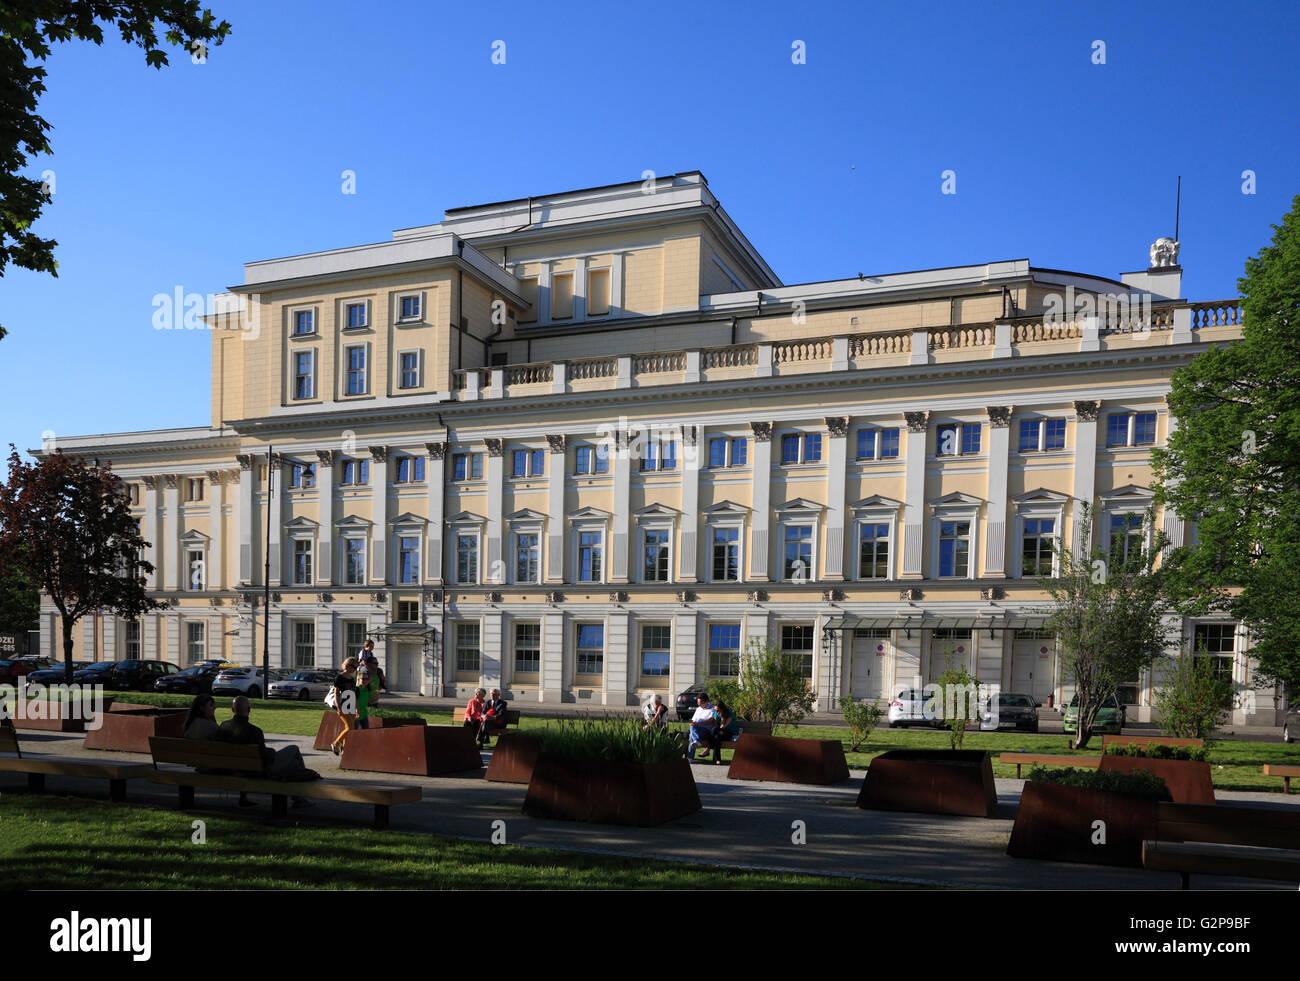 Opera, Wroclaw, Silesia, Poland, Europe - Stock Image